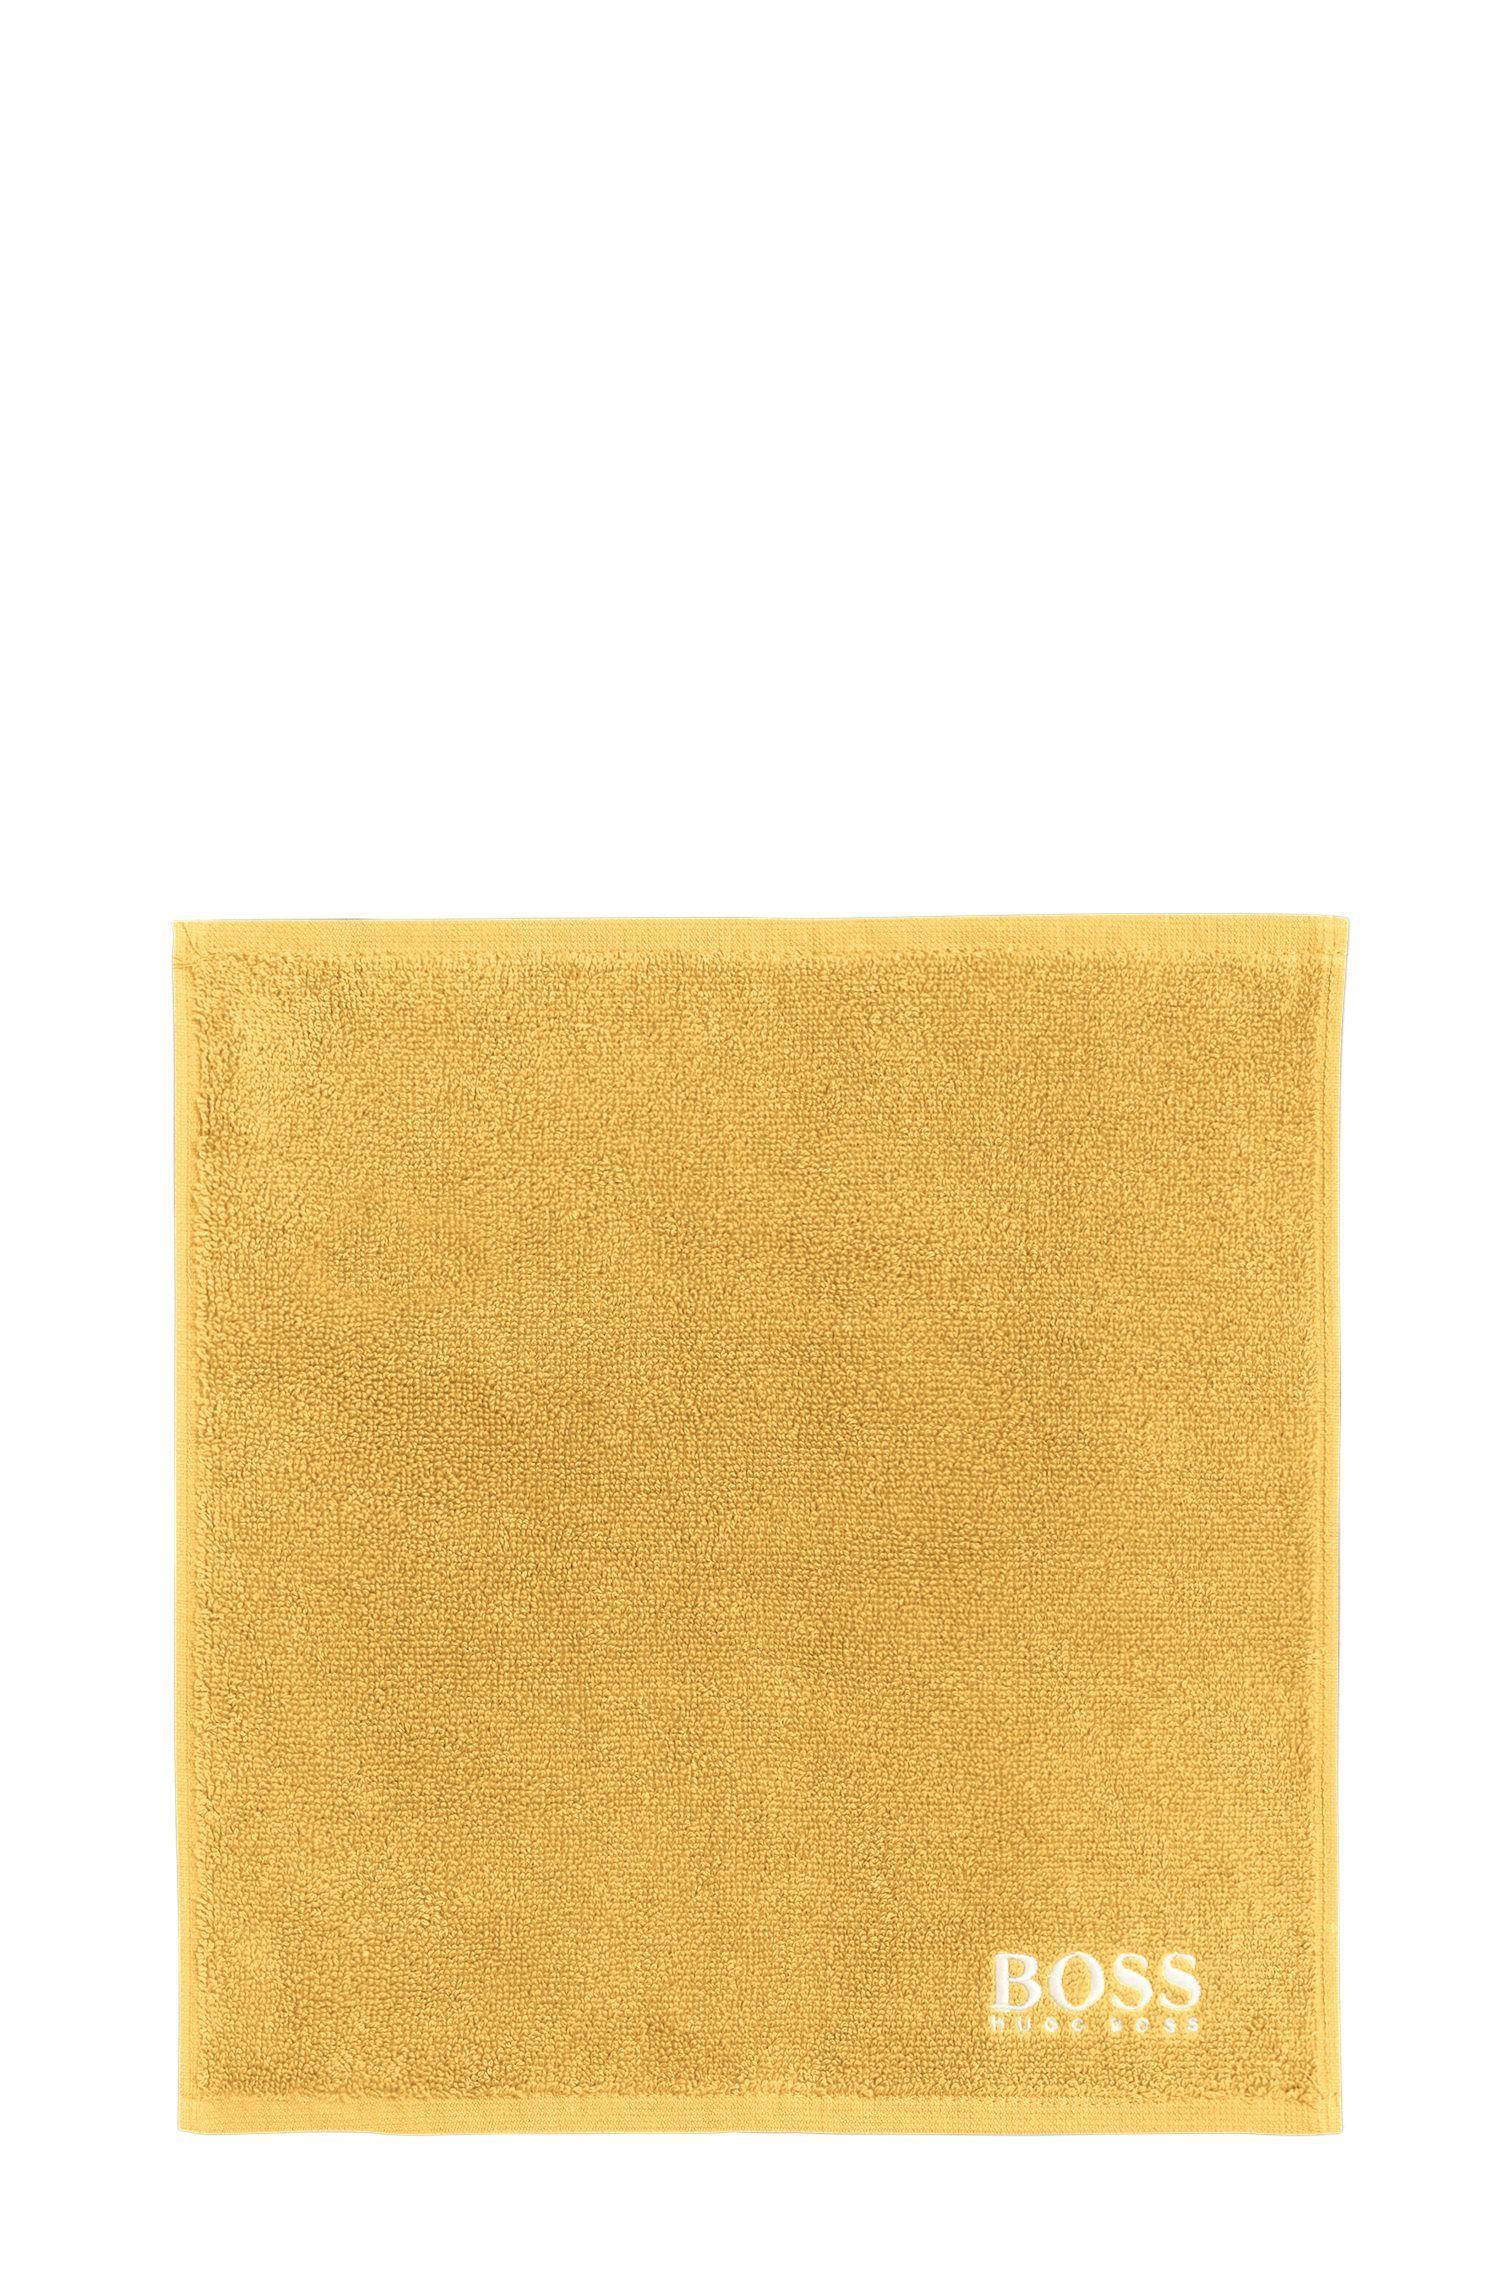 Washandje van de fijnste Egyptische katoen met logostiksel, goud